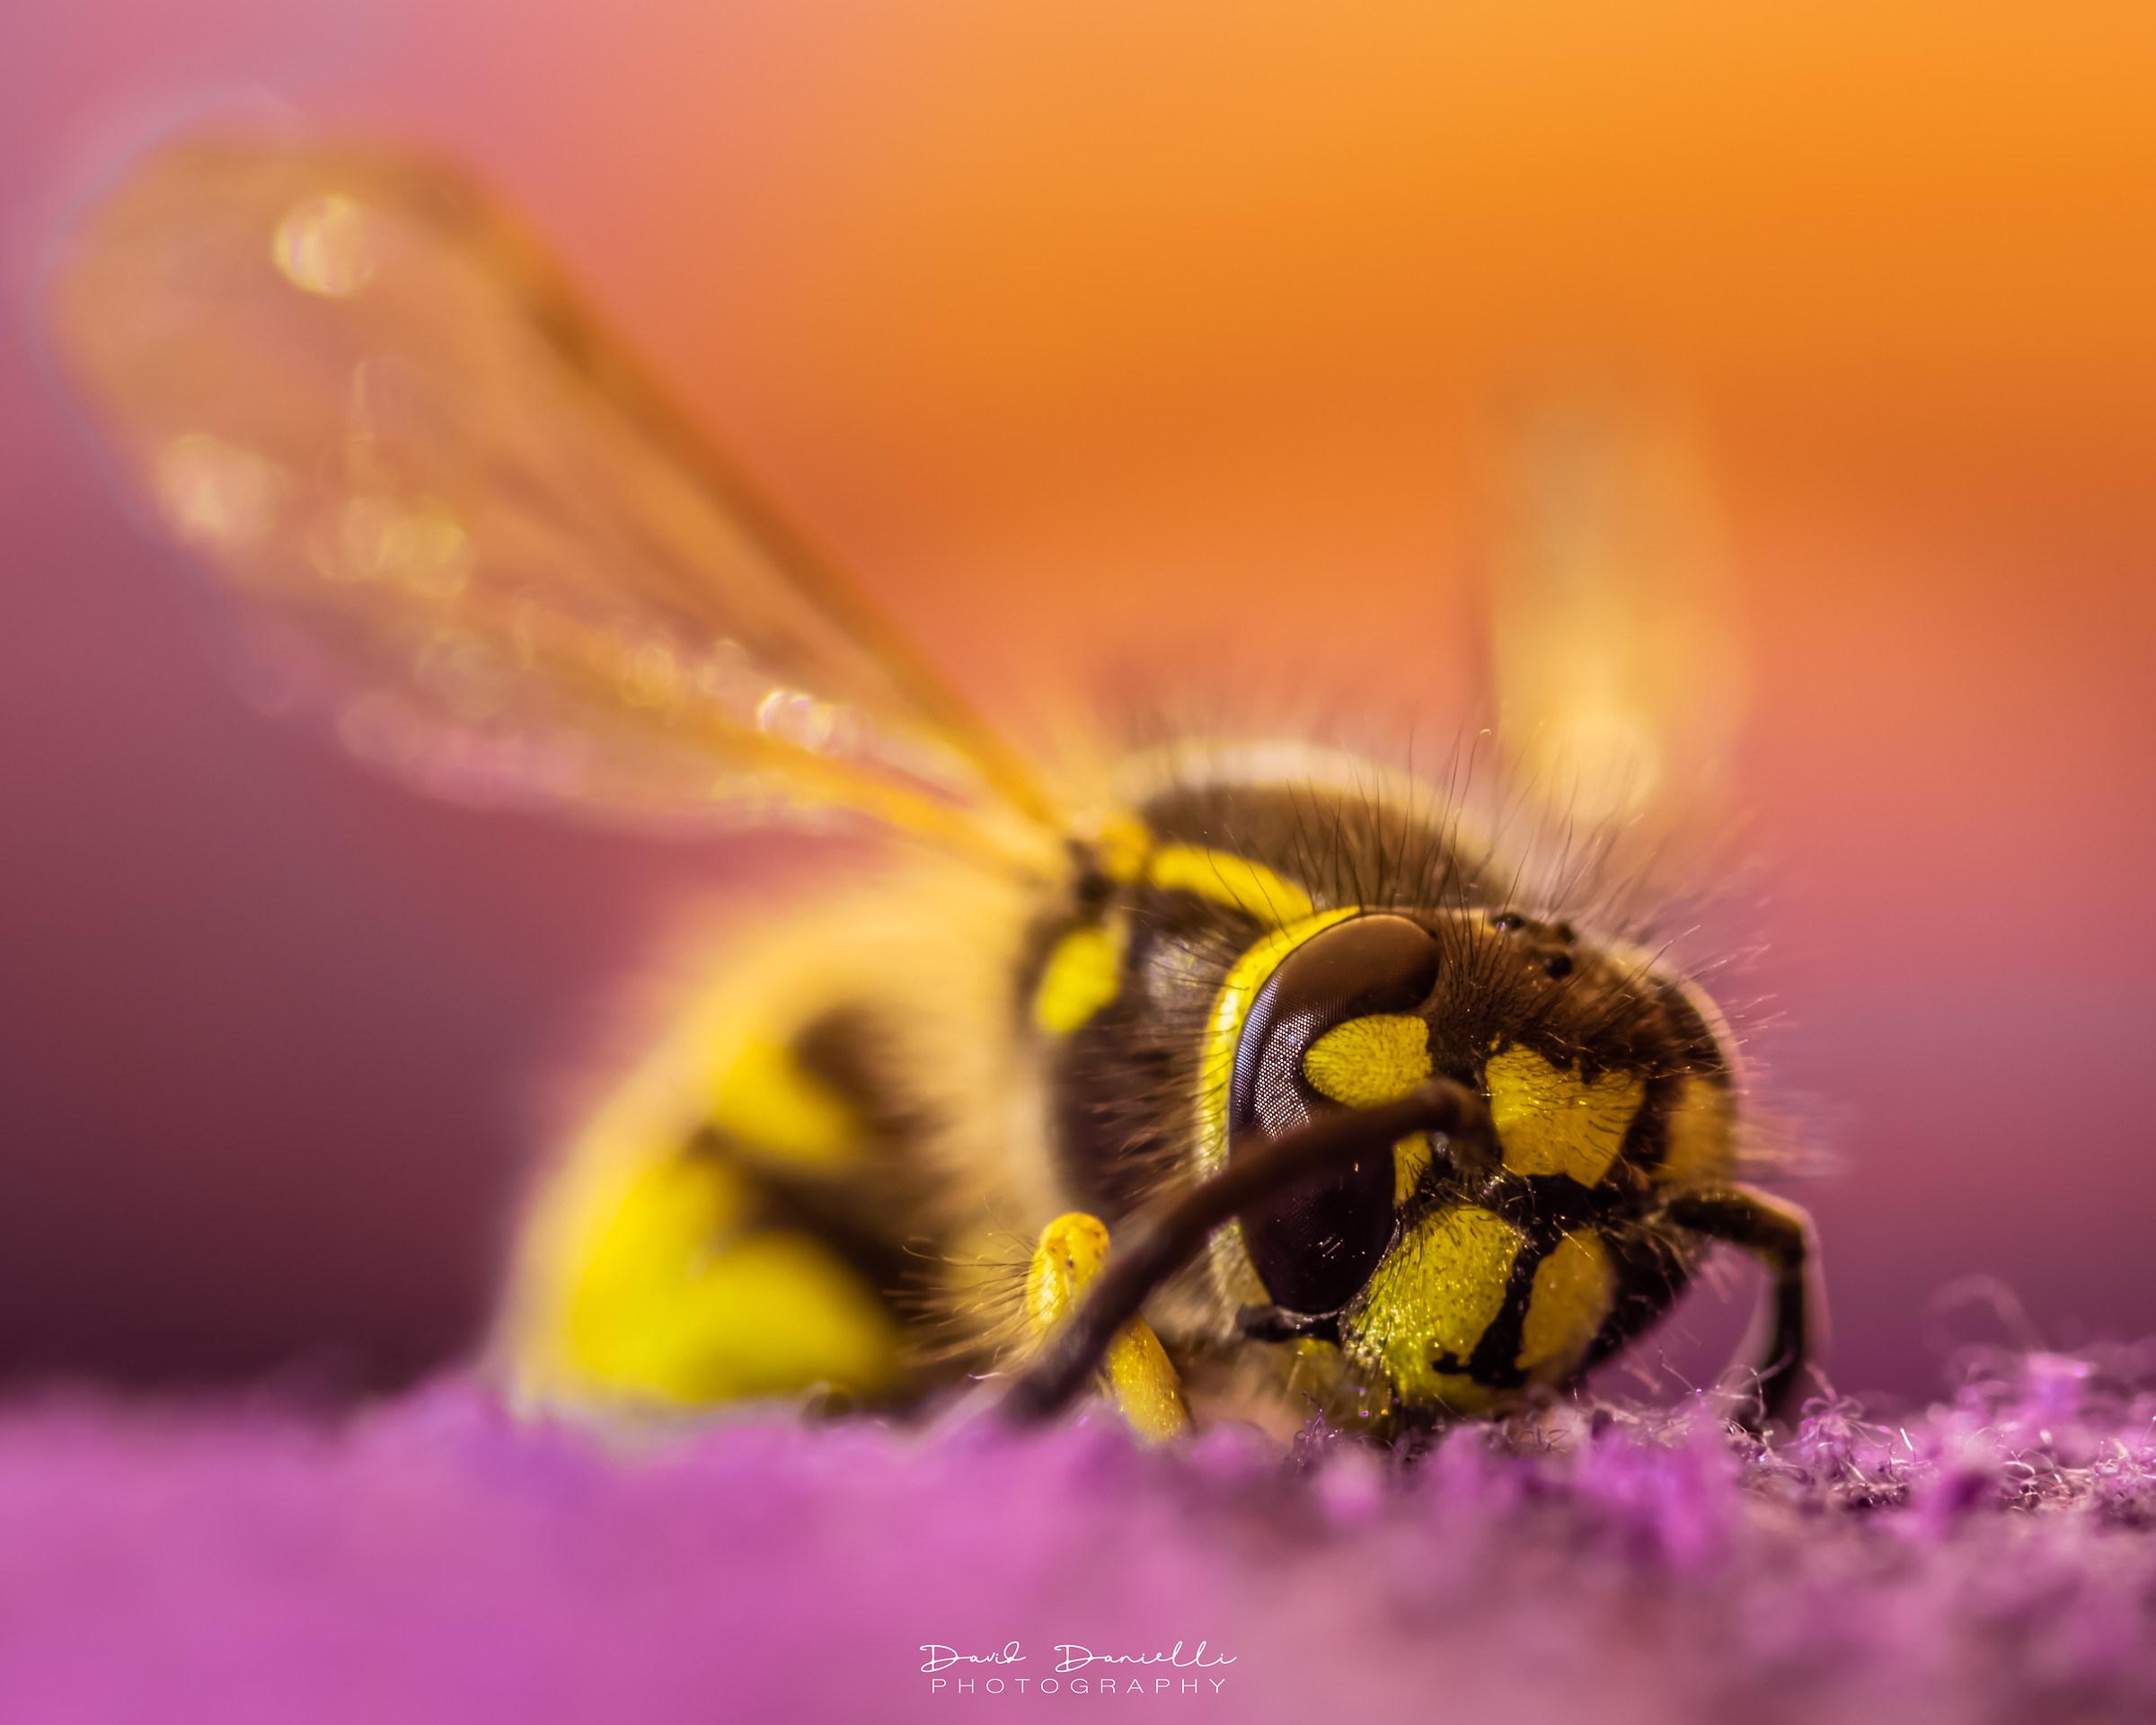 Una calda giornata per una piccola vespa...